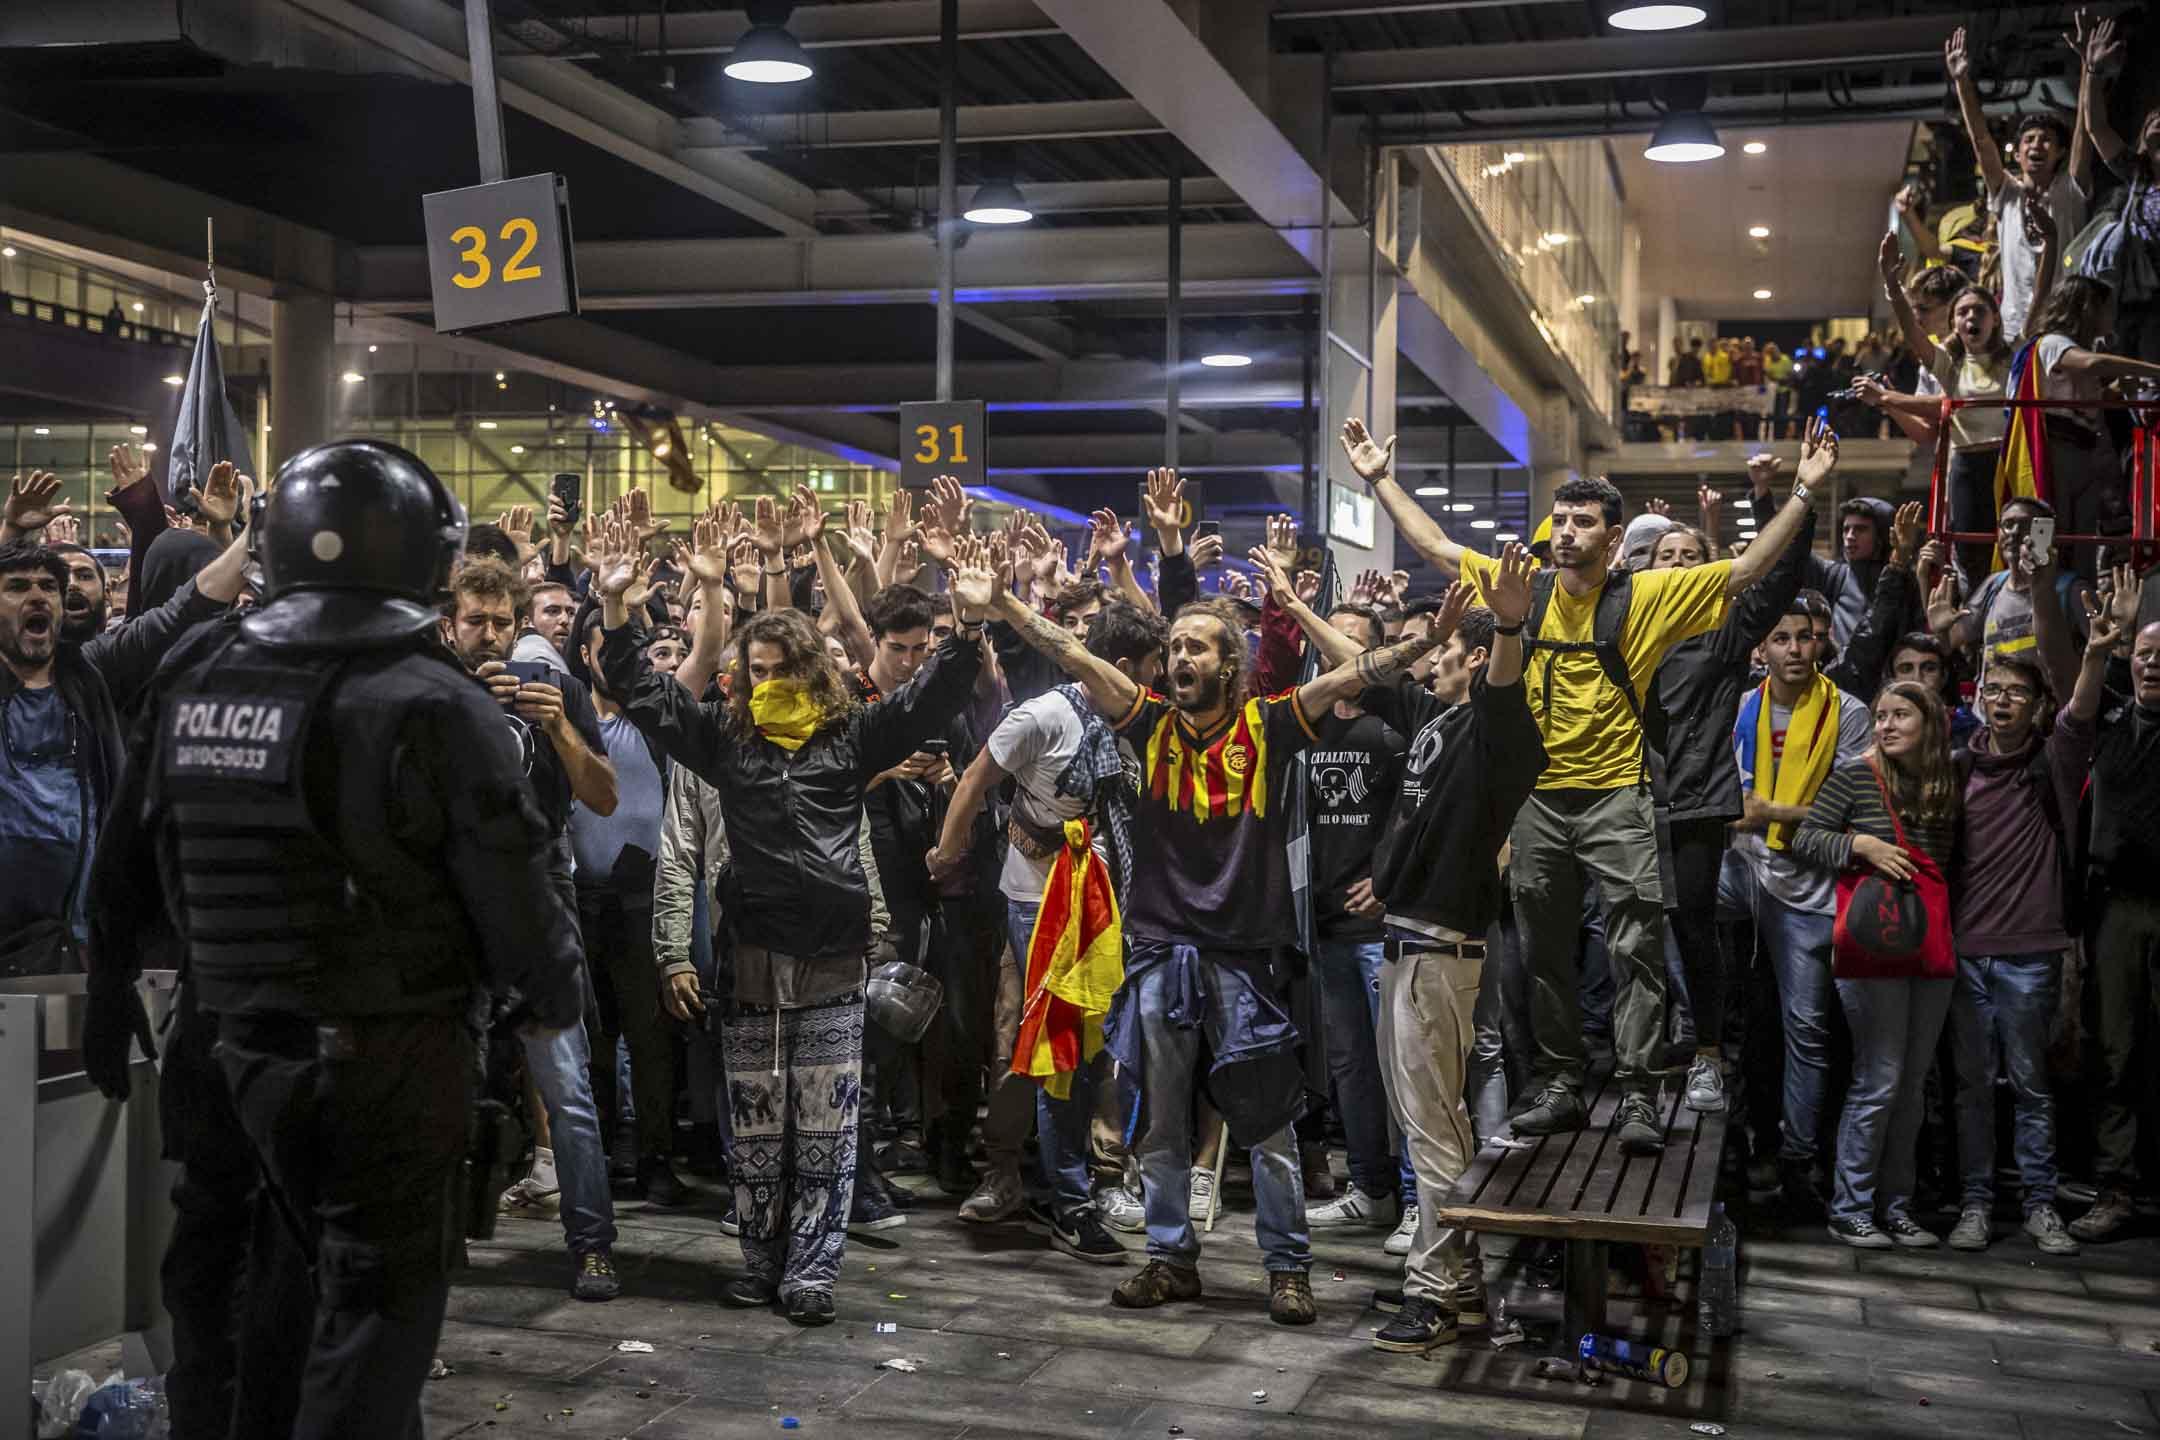 2019年10月14日,西班牙巴塞羅拿,示威者堵塞巴塞羅拿機場,防暴警察出動鎮壓。 攝:Angel Garcia/Bloomberg via Getty Images